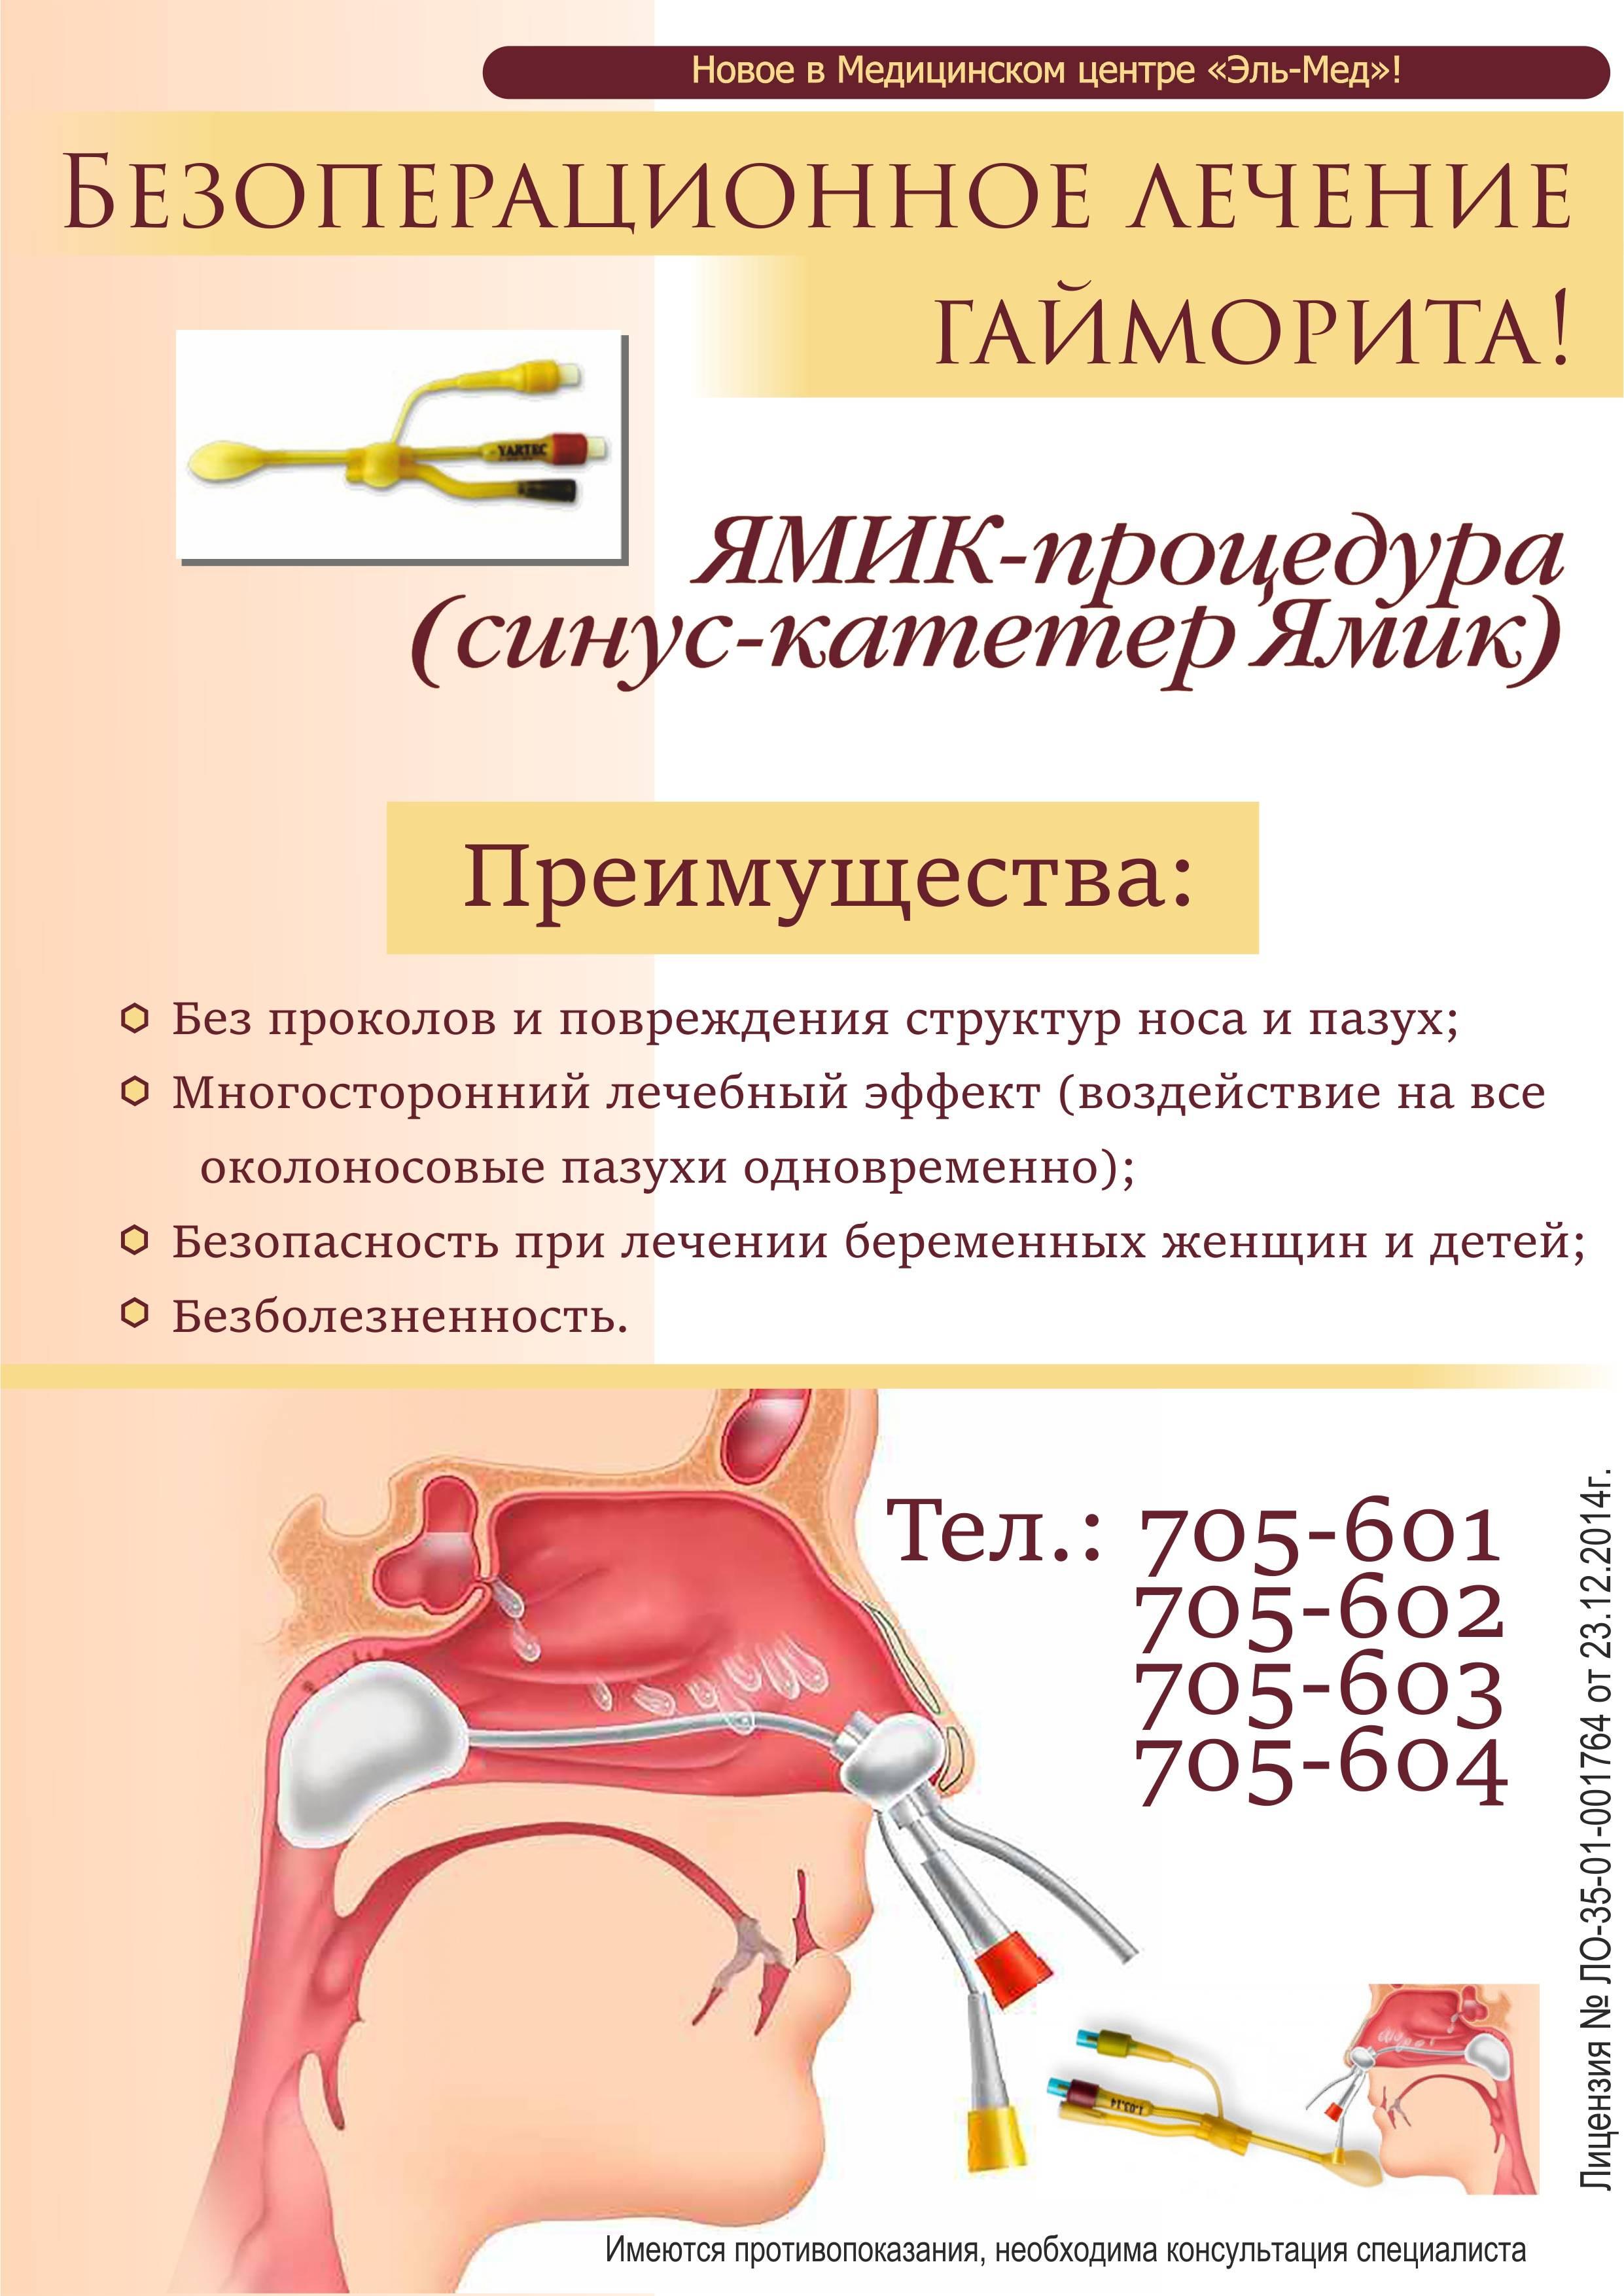 Лечение гайморита во время беременности